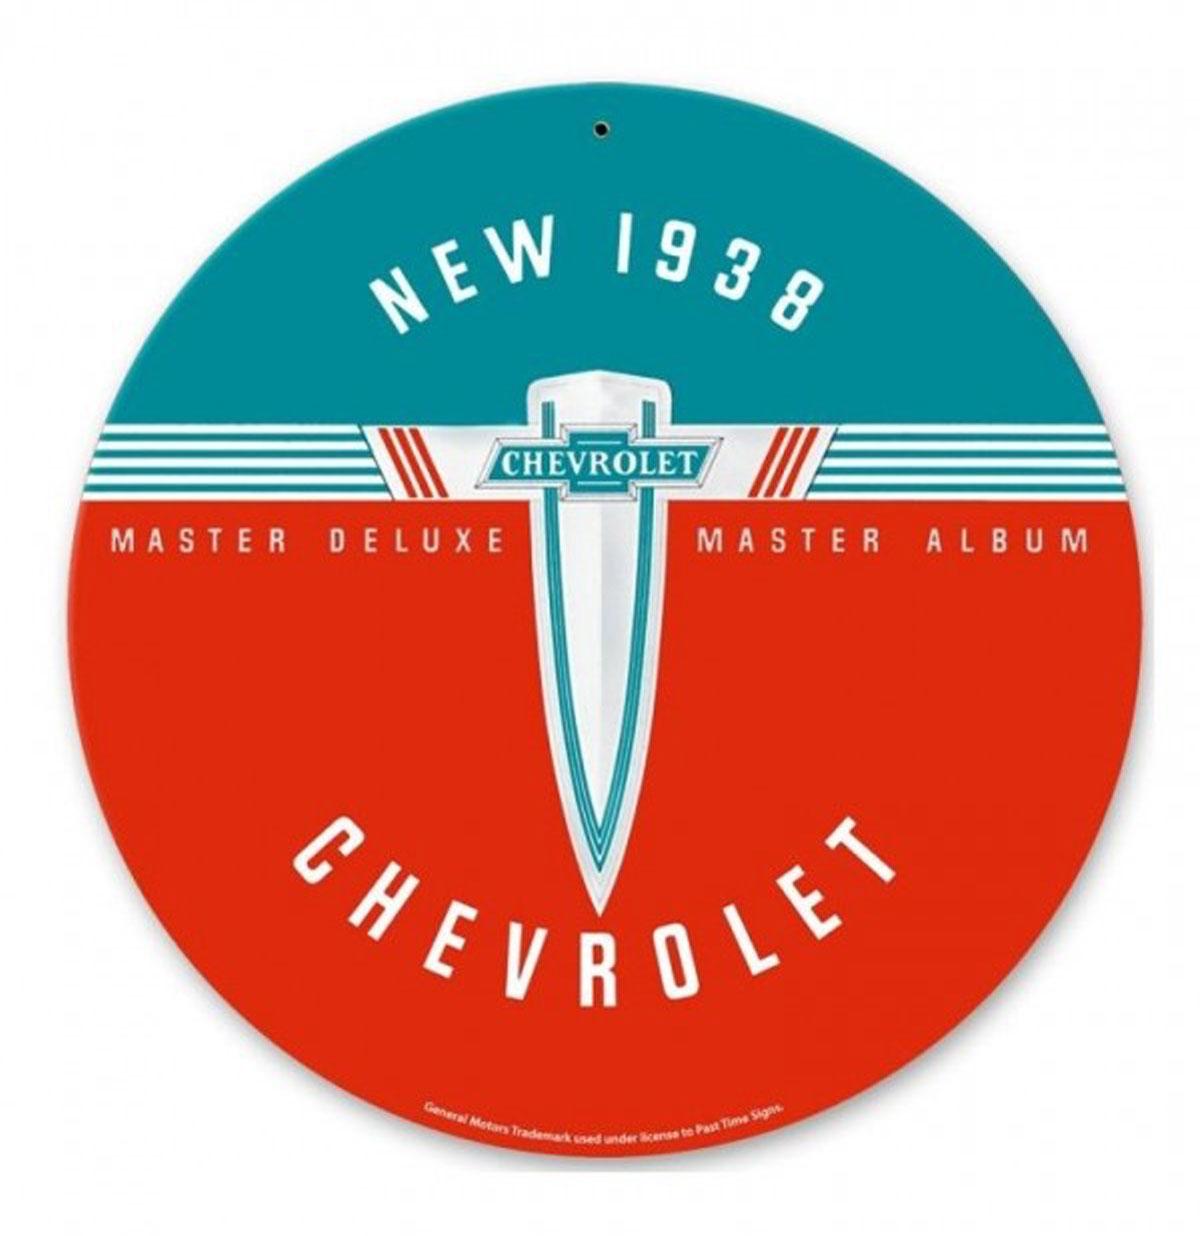 New 1938 Chevrolet Zwaar Metalen Bord